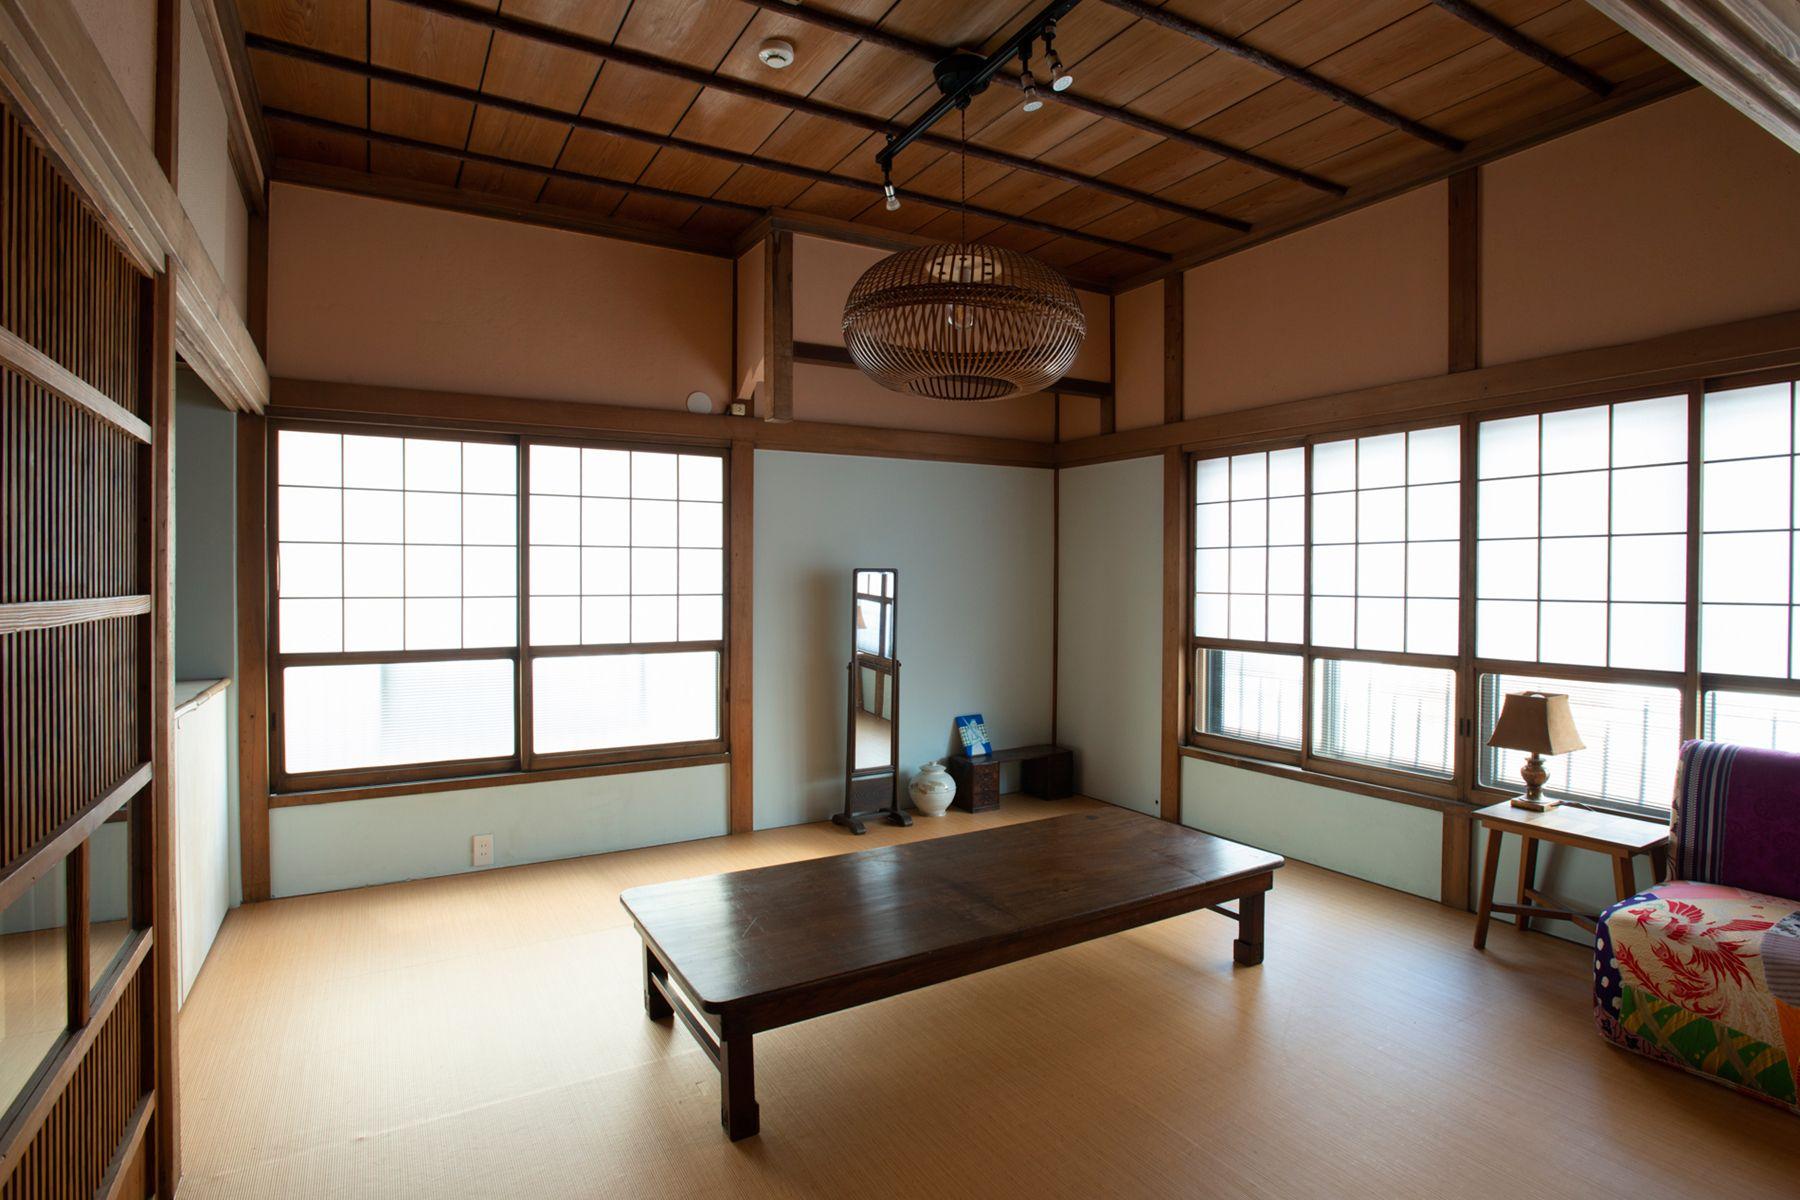 江戸端会議室 (エドバタカイギシツ)和室(8畳)